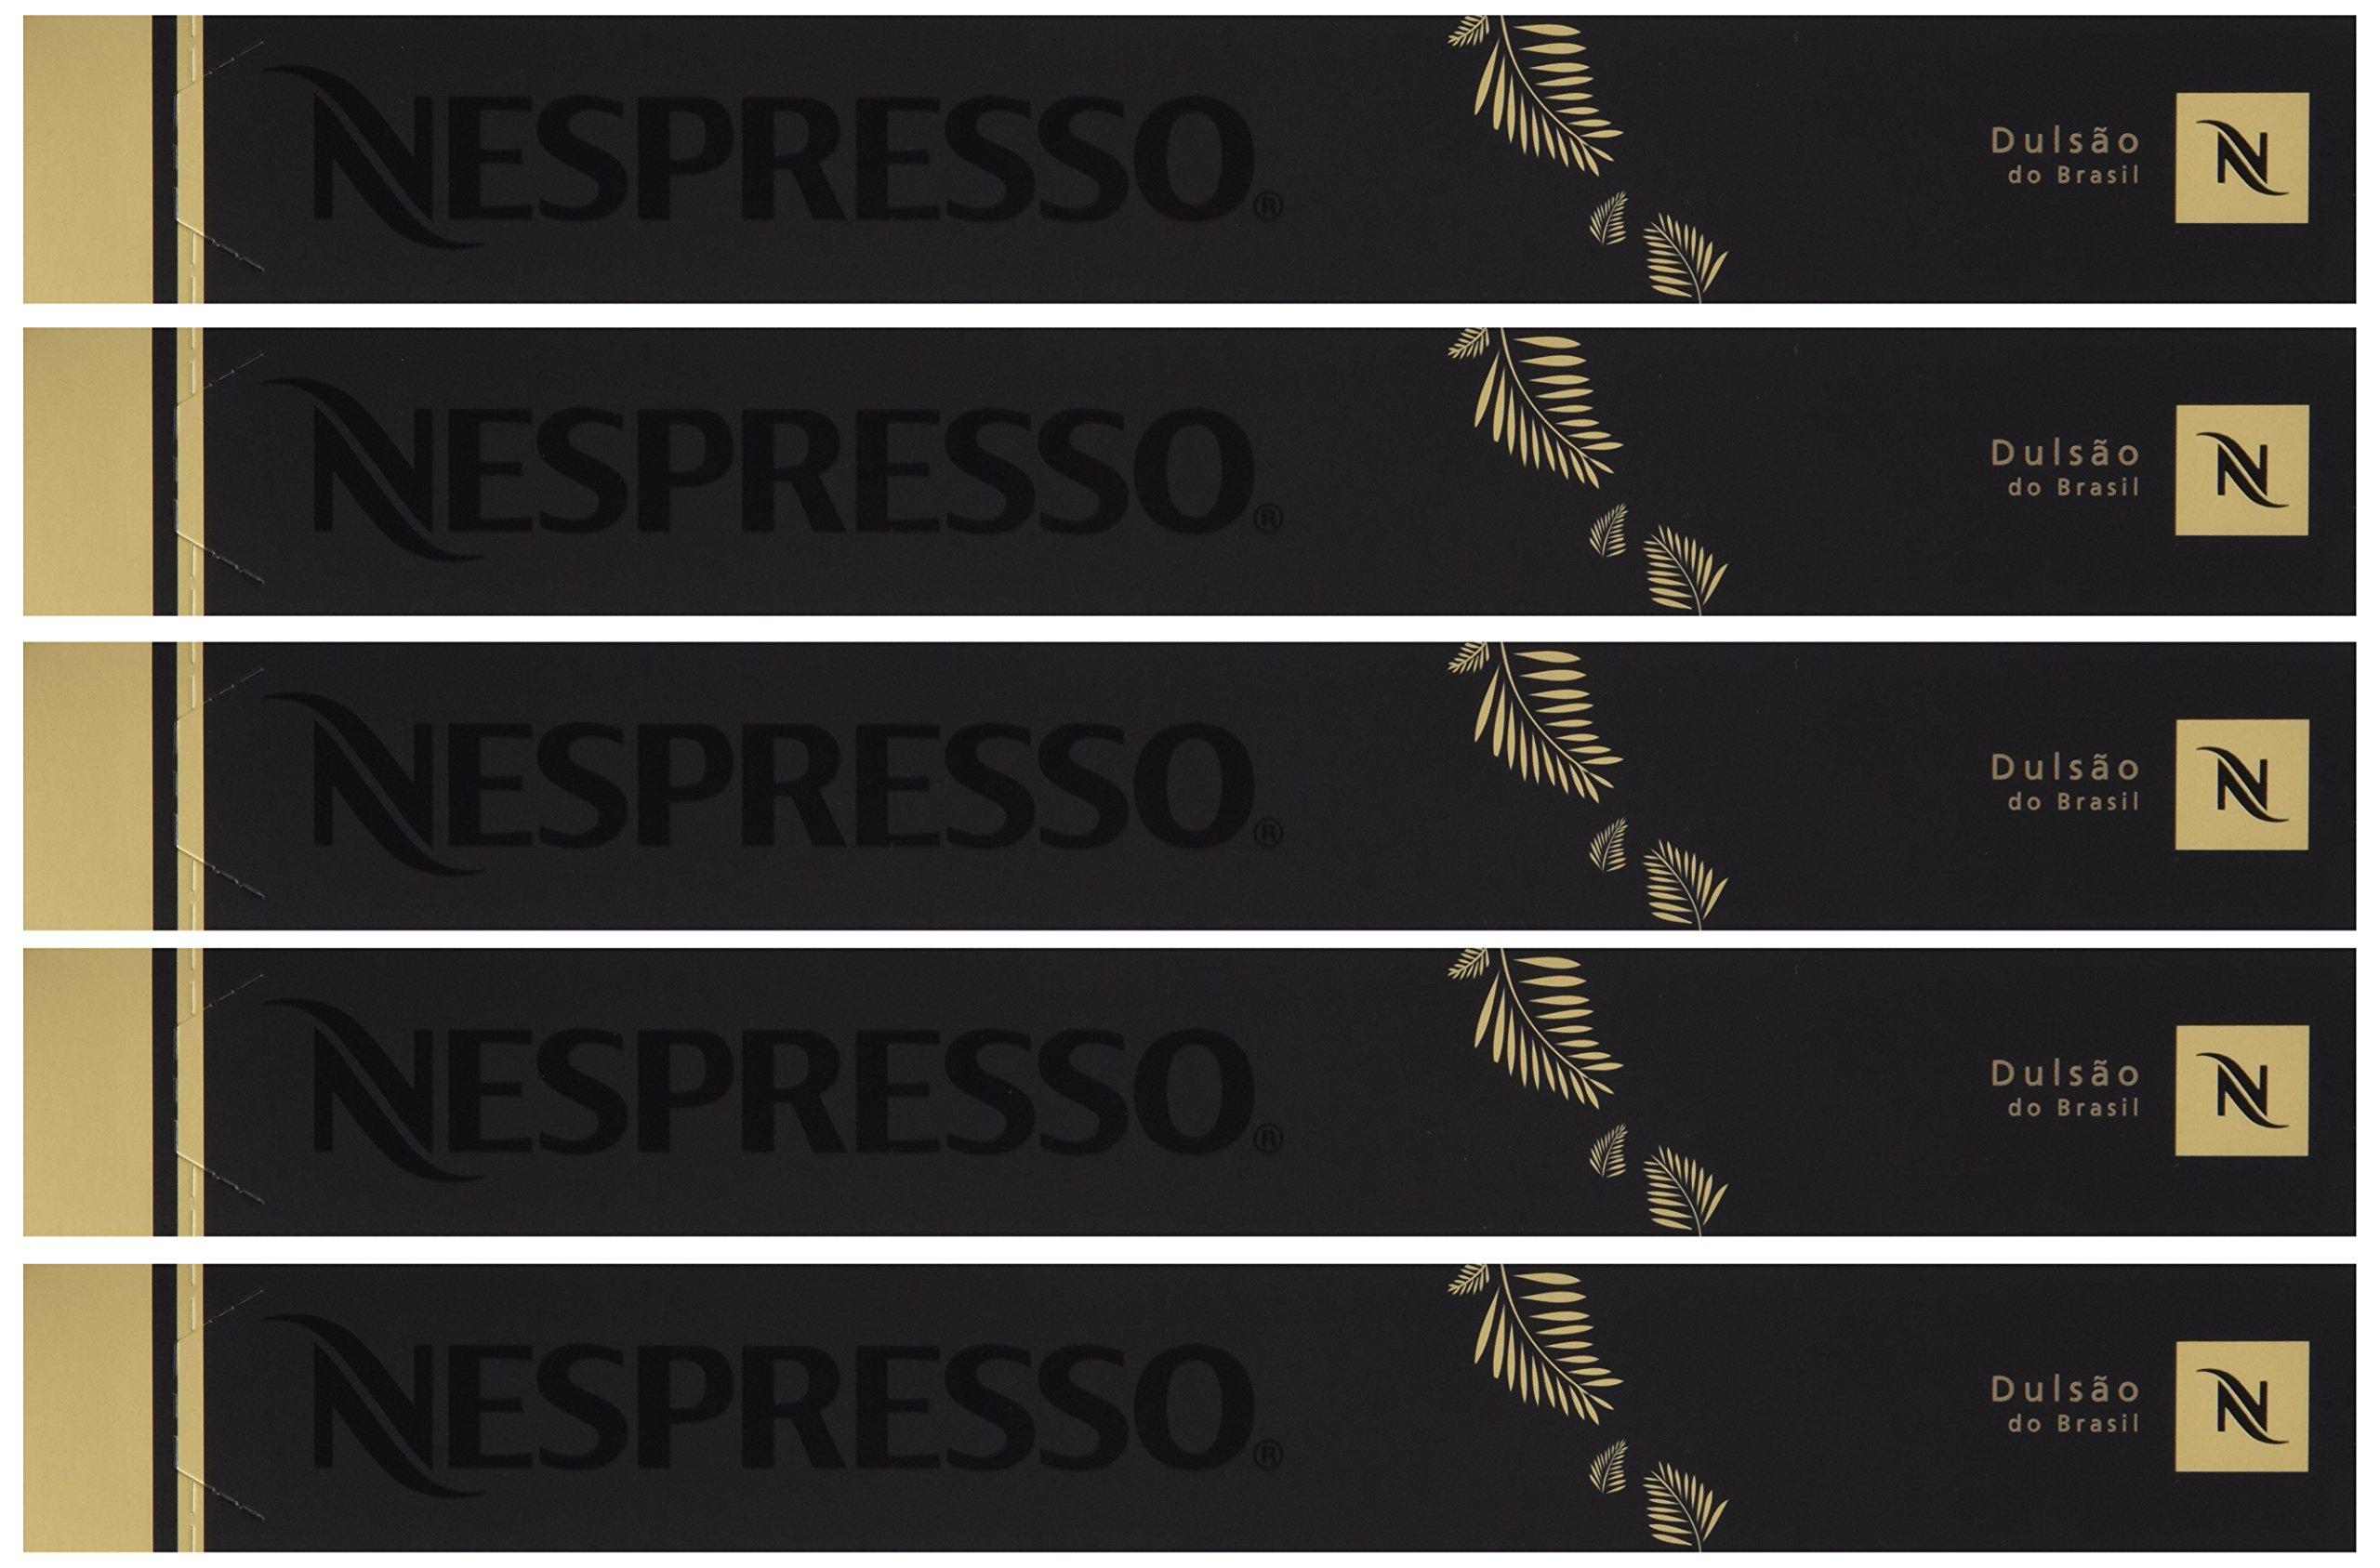 Nespresso Dulsao Do Brasil New, 1 Package (50 Capsules)